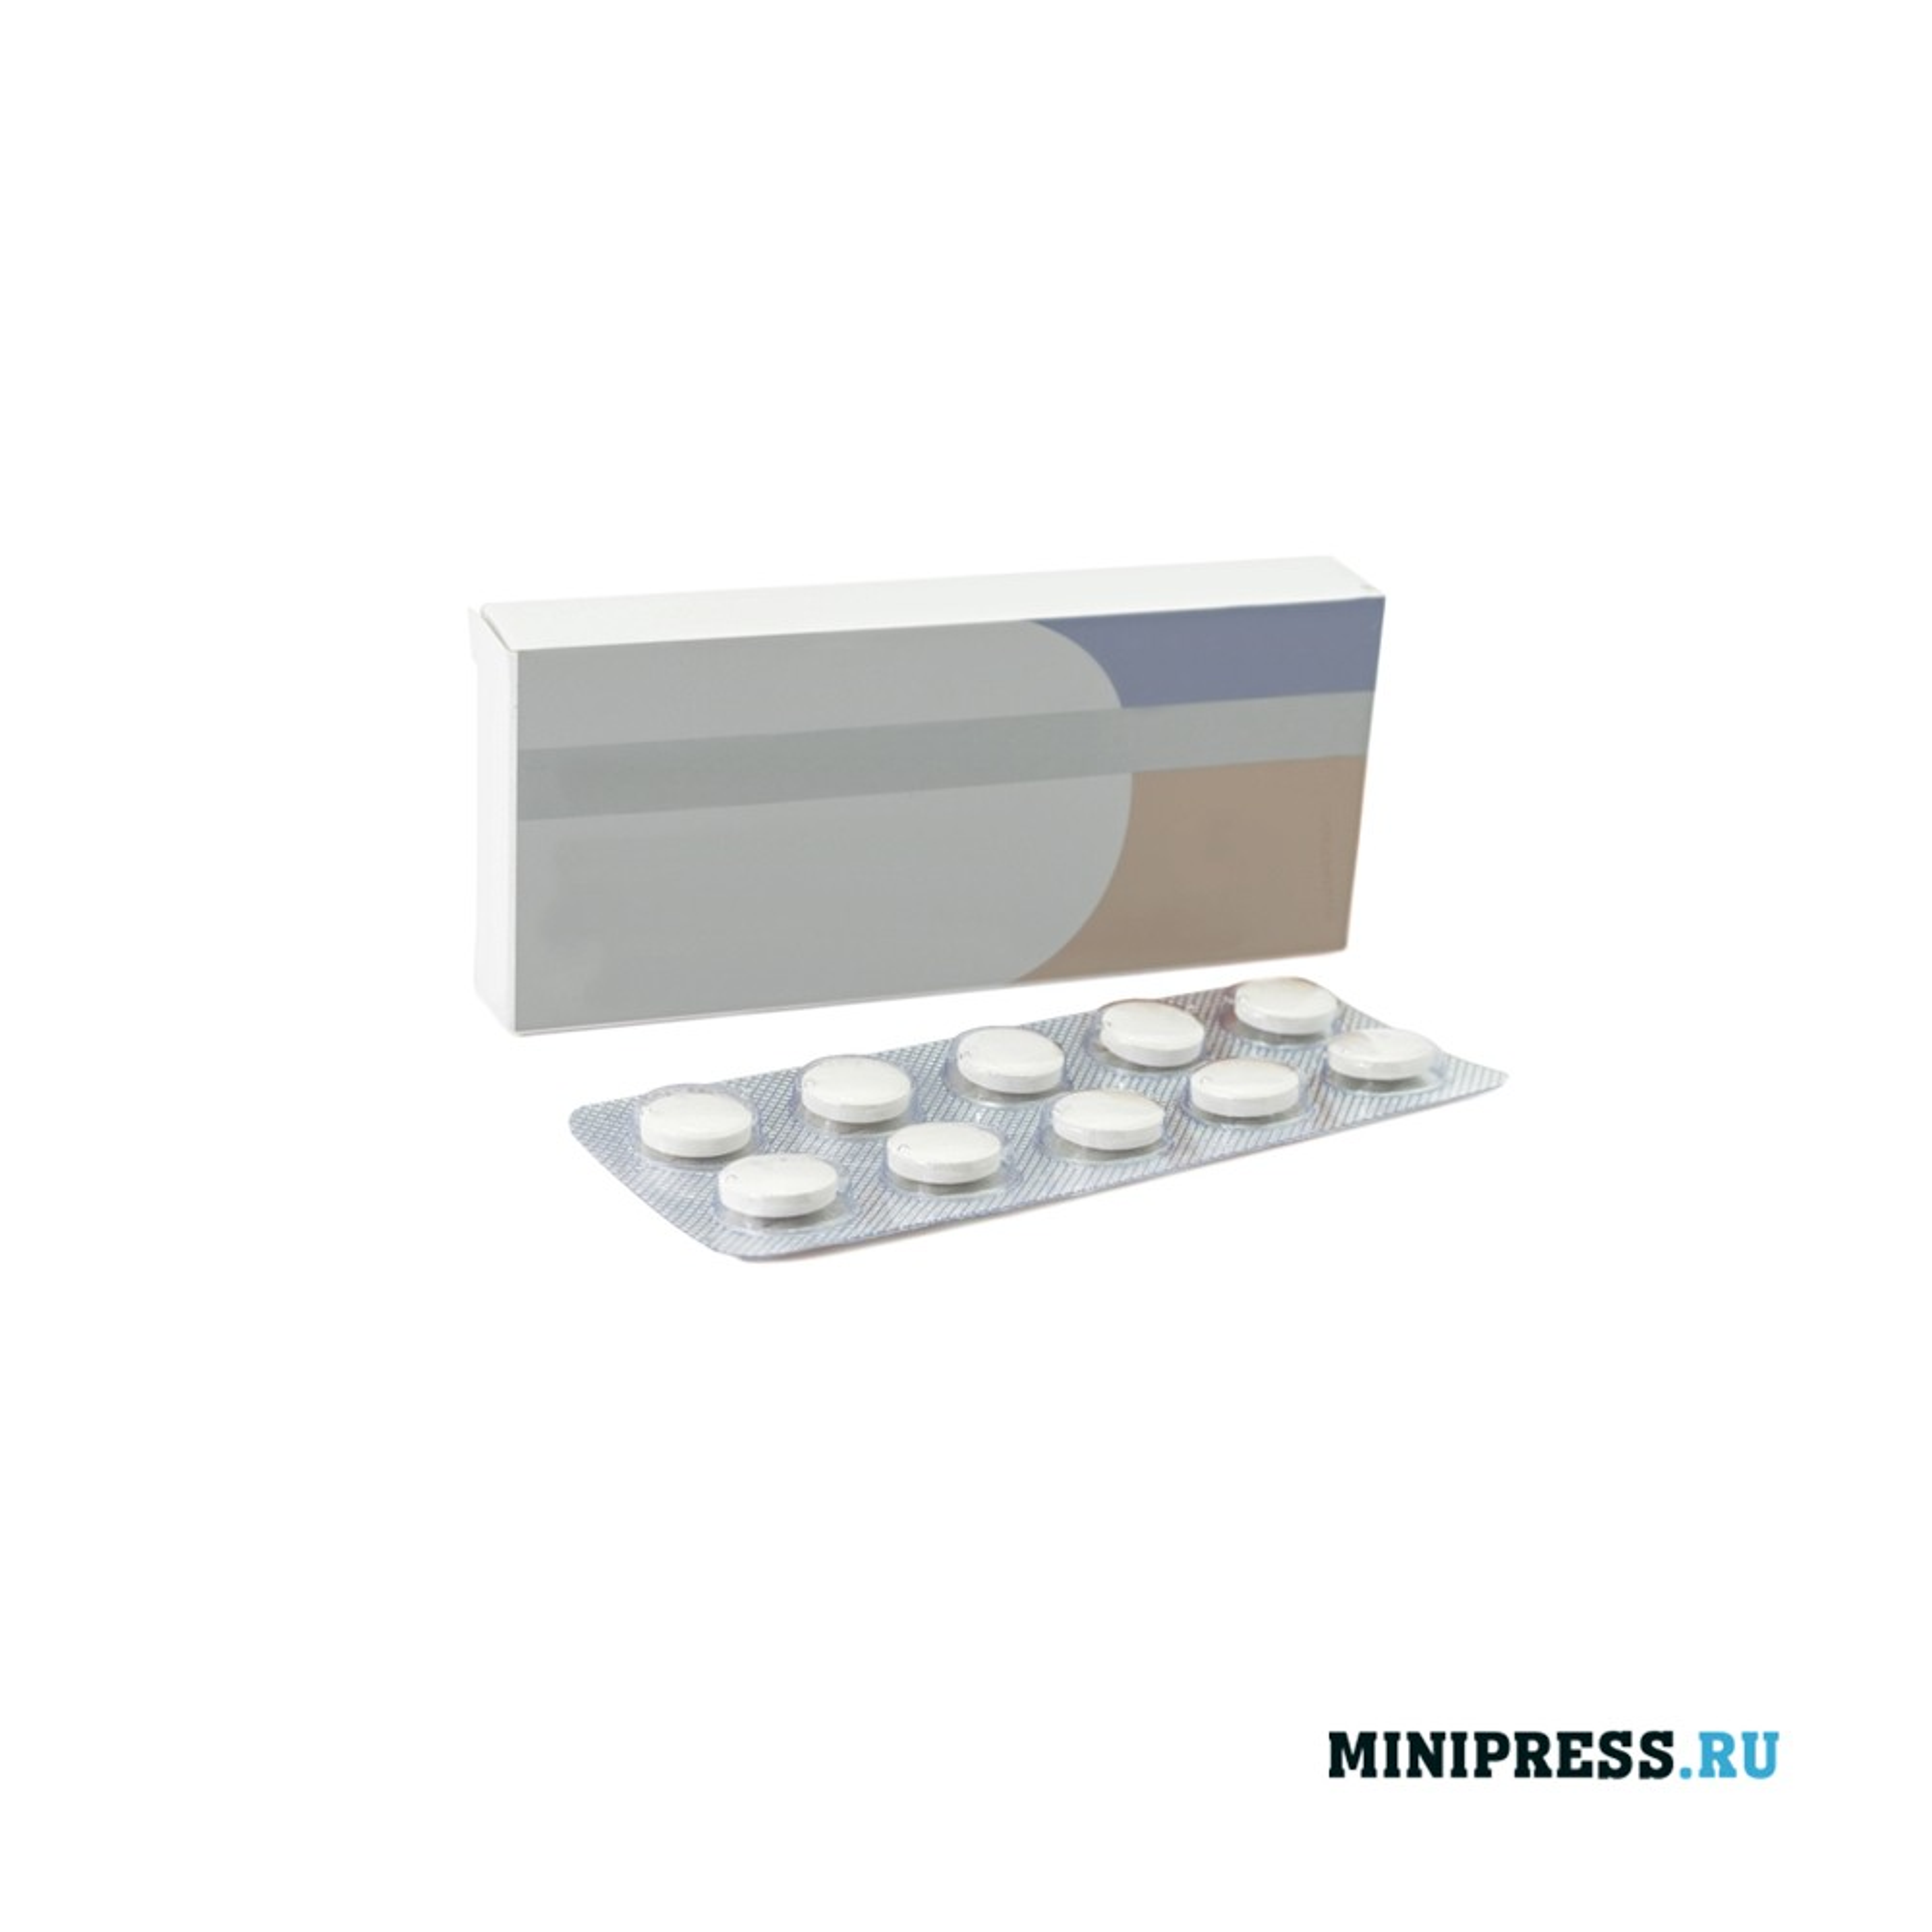 Упакованные блистеры в коробку